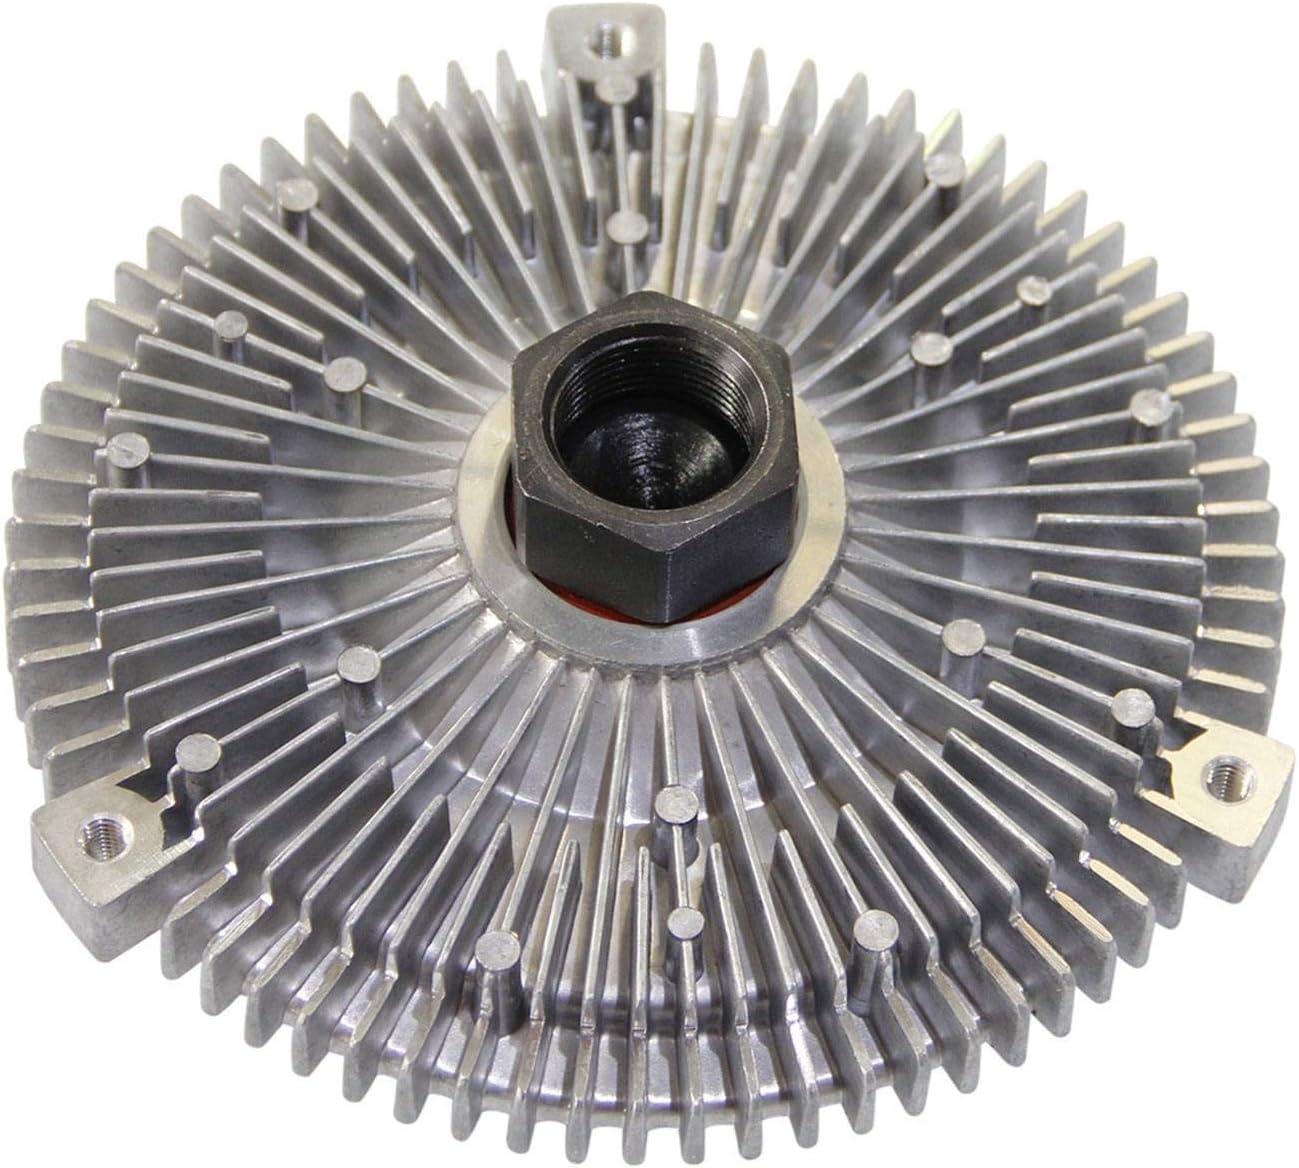 TOPAZ 3141152701 Engine Cooling Fan Clutch for BMW E36 E46 E39 E34 X5